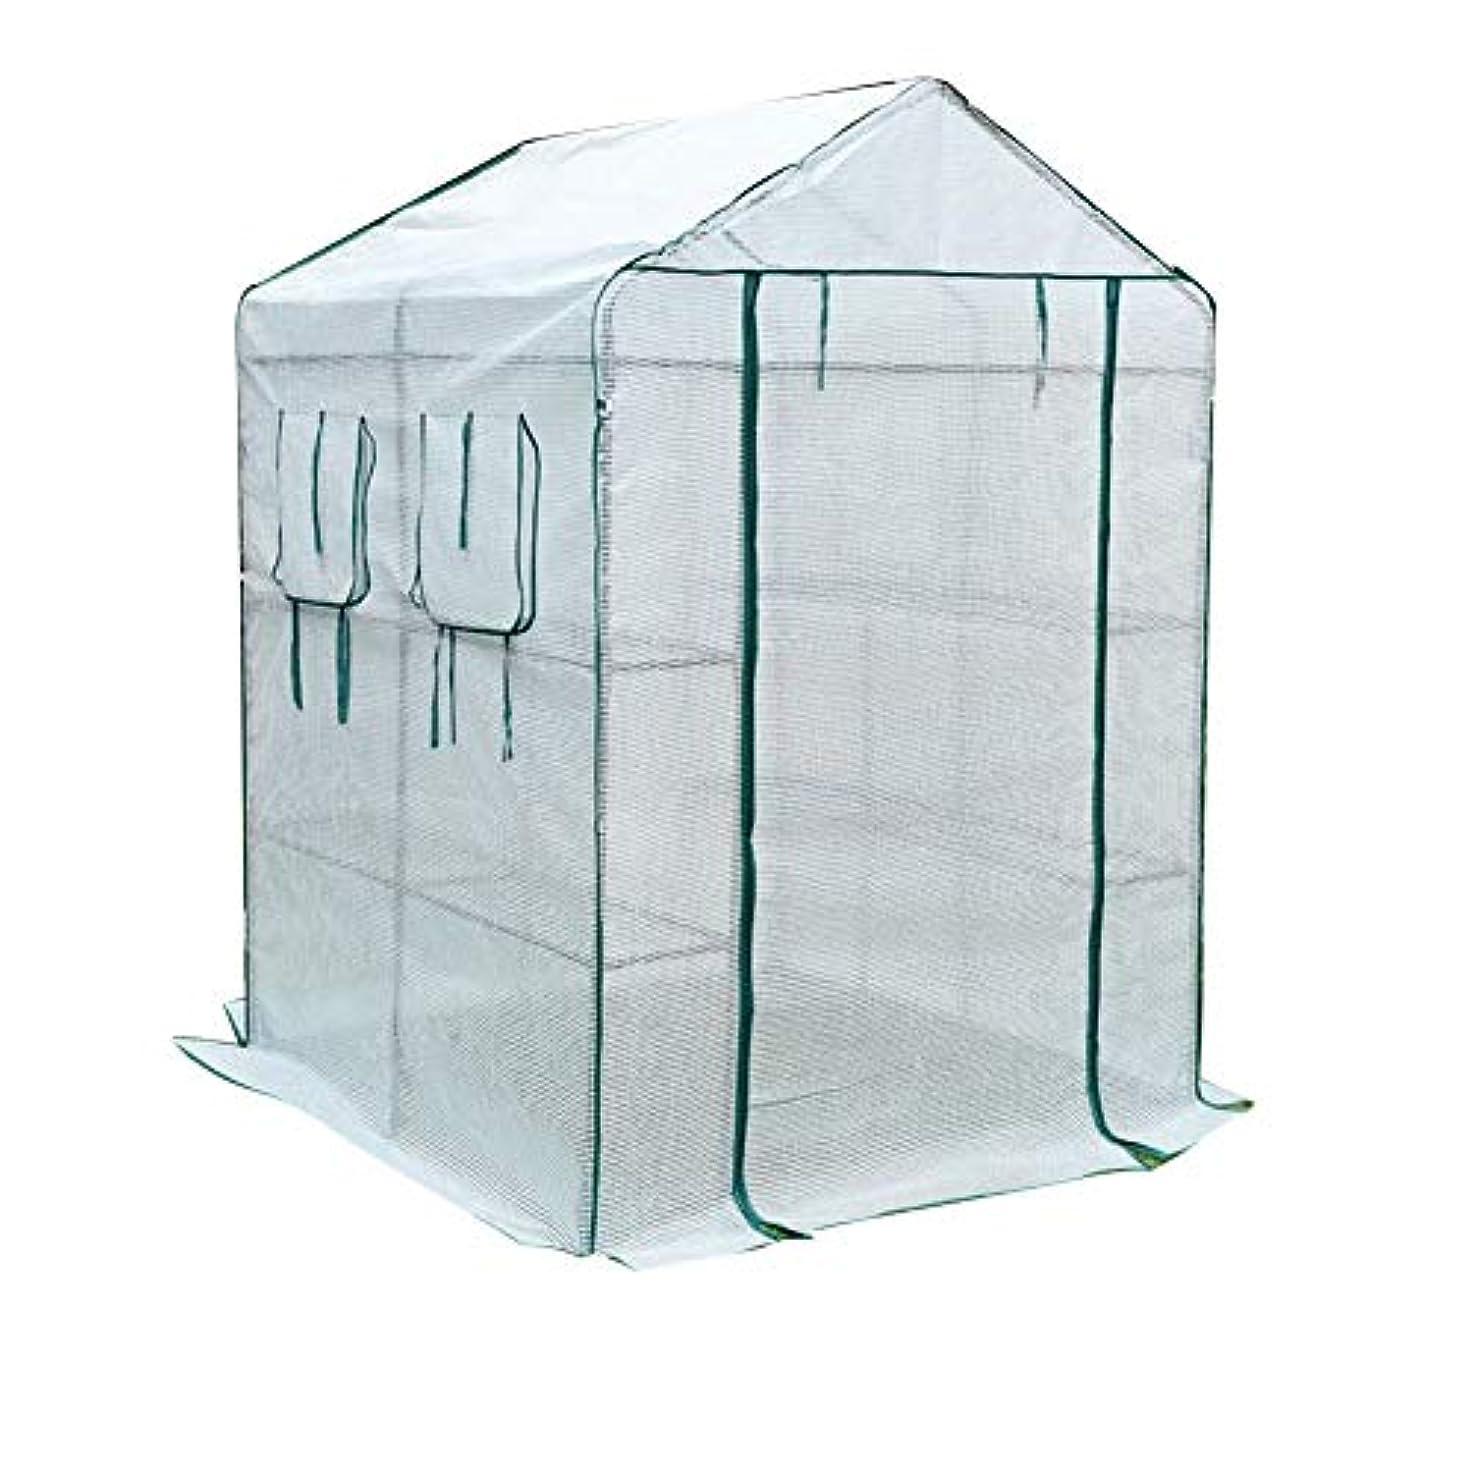 離れた文明化するストレッチPENGFEI 温室フラワースタンド 家庭 温室植栽 防塵 シェード、 ウォークイン、 3色 (Color : White, Size : 143x143x159CM)